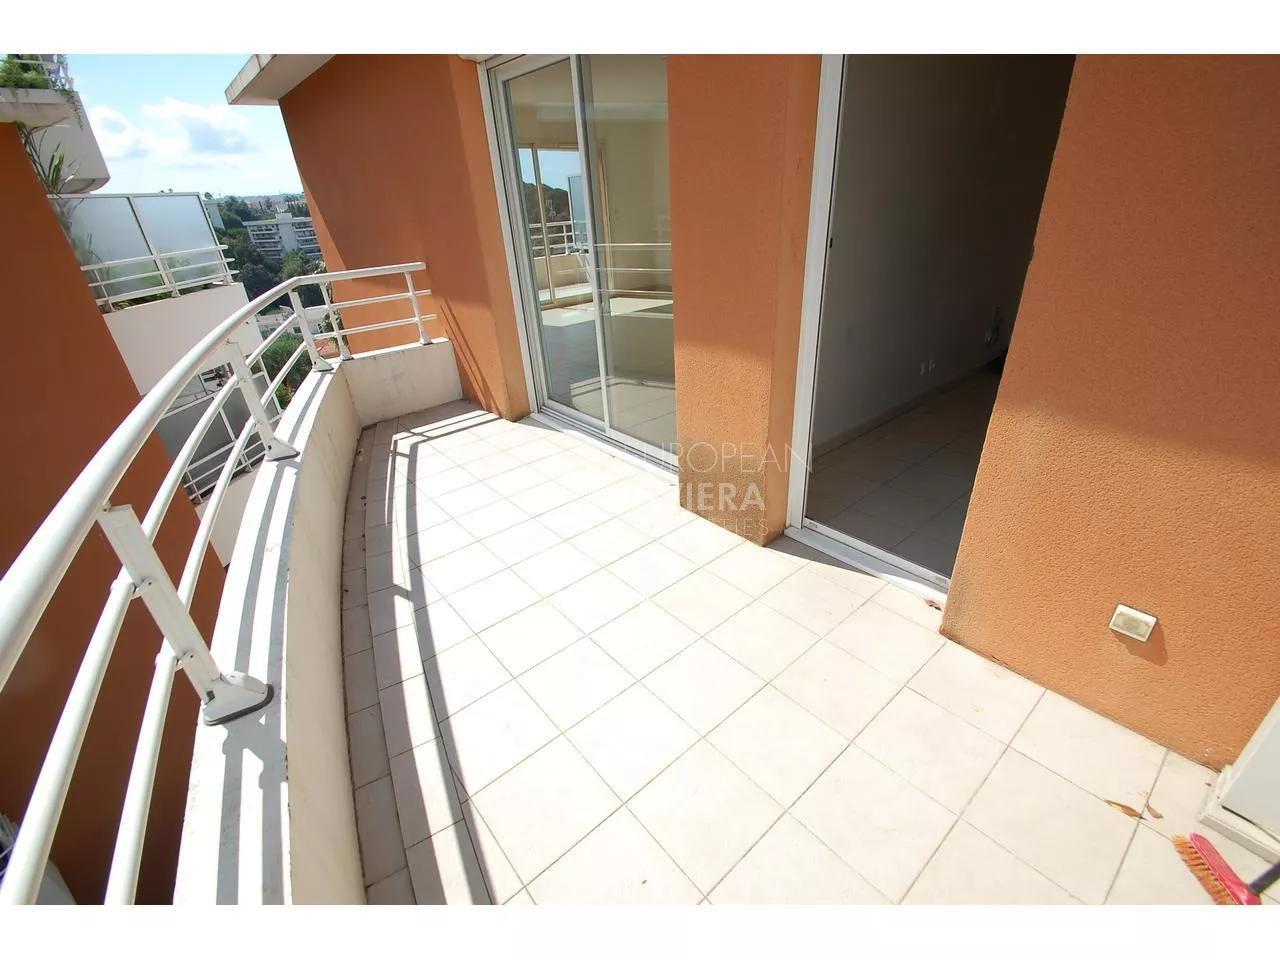 NICE - CHAMBRUN - 3 Pièces en avant dernier étage résidence piscine + garage